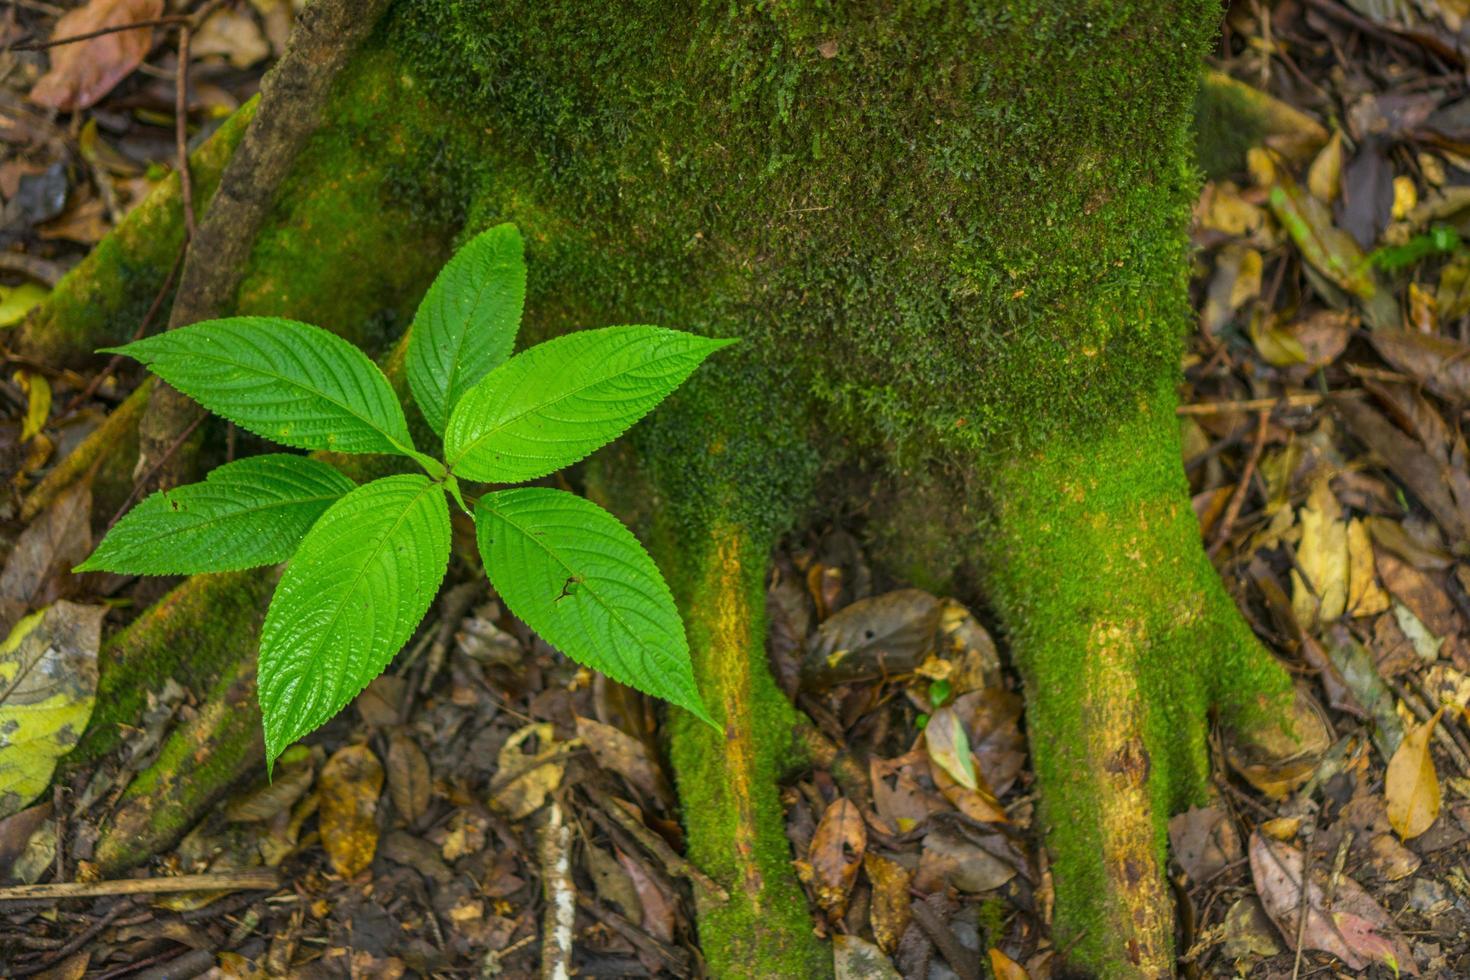 plante verte dans une forêt photo